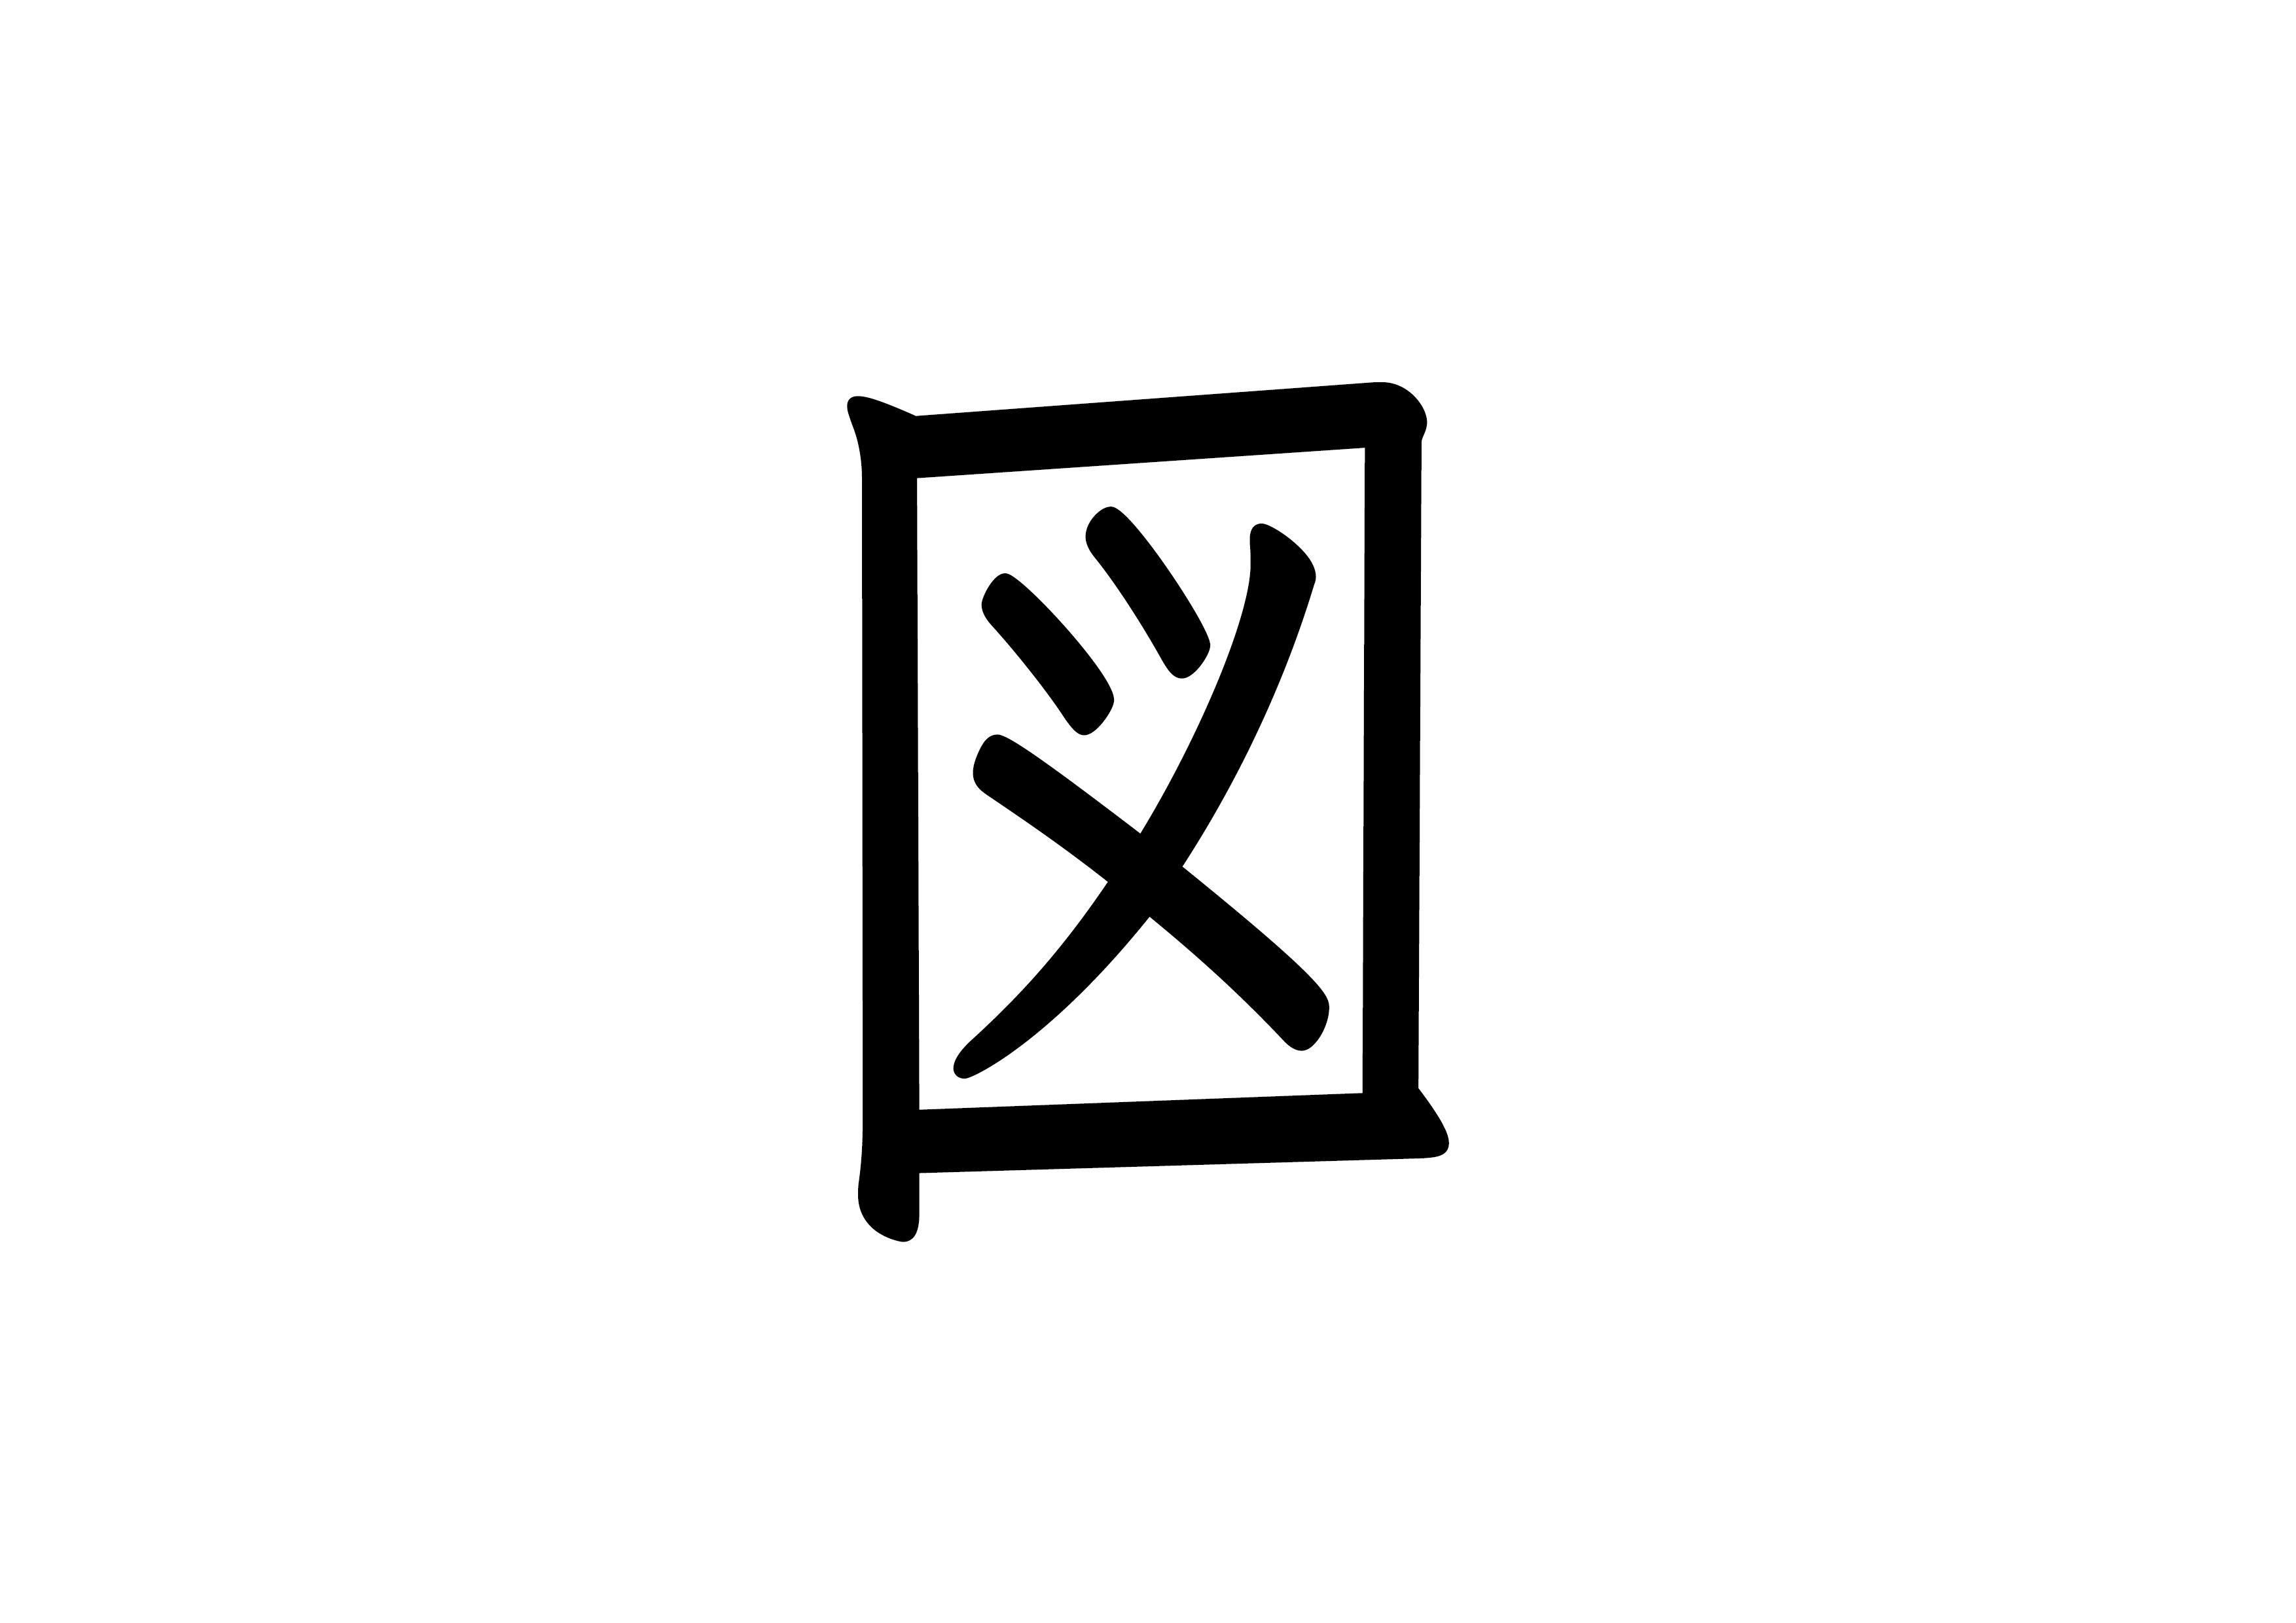 34課フラッシュカード 【図】